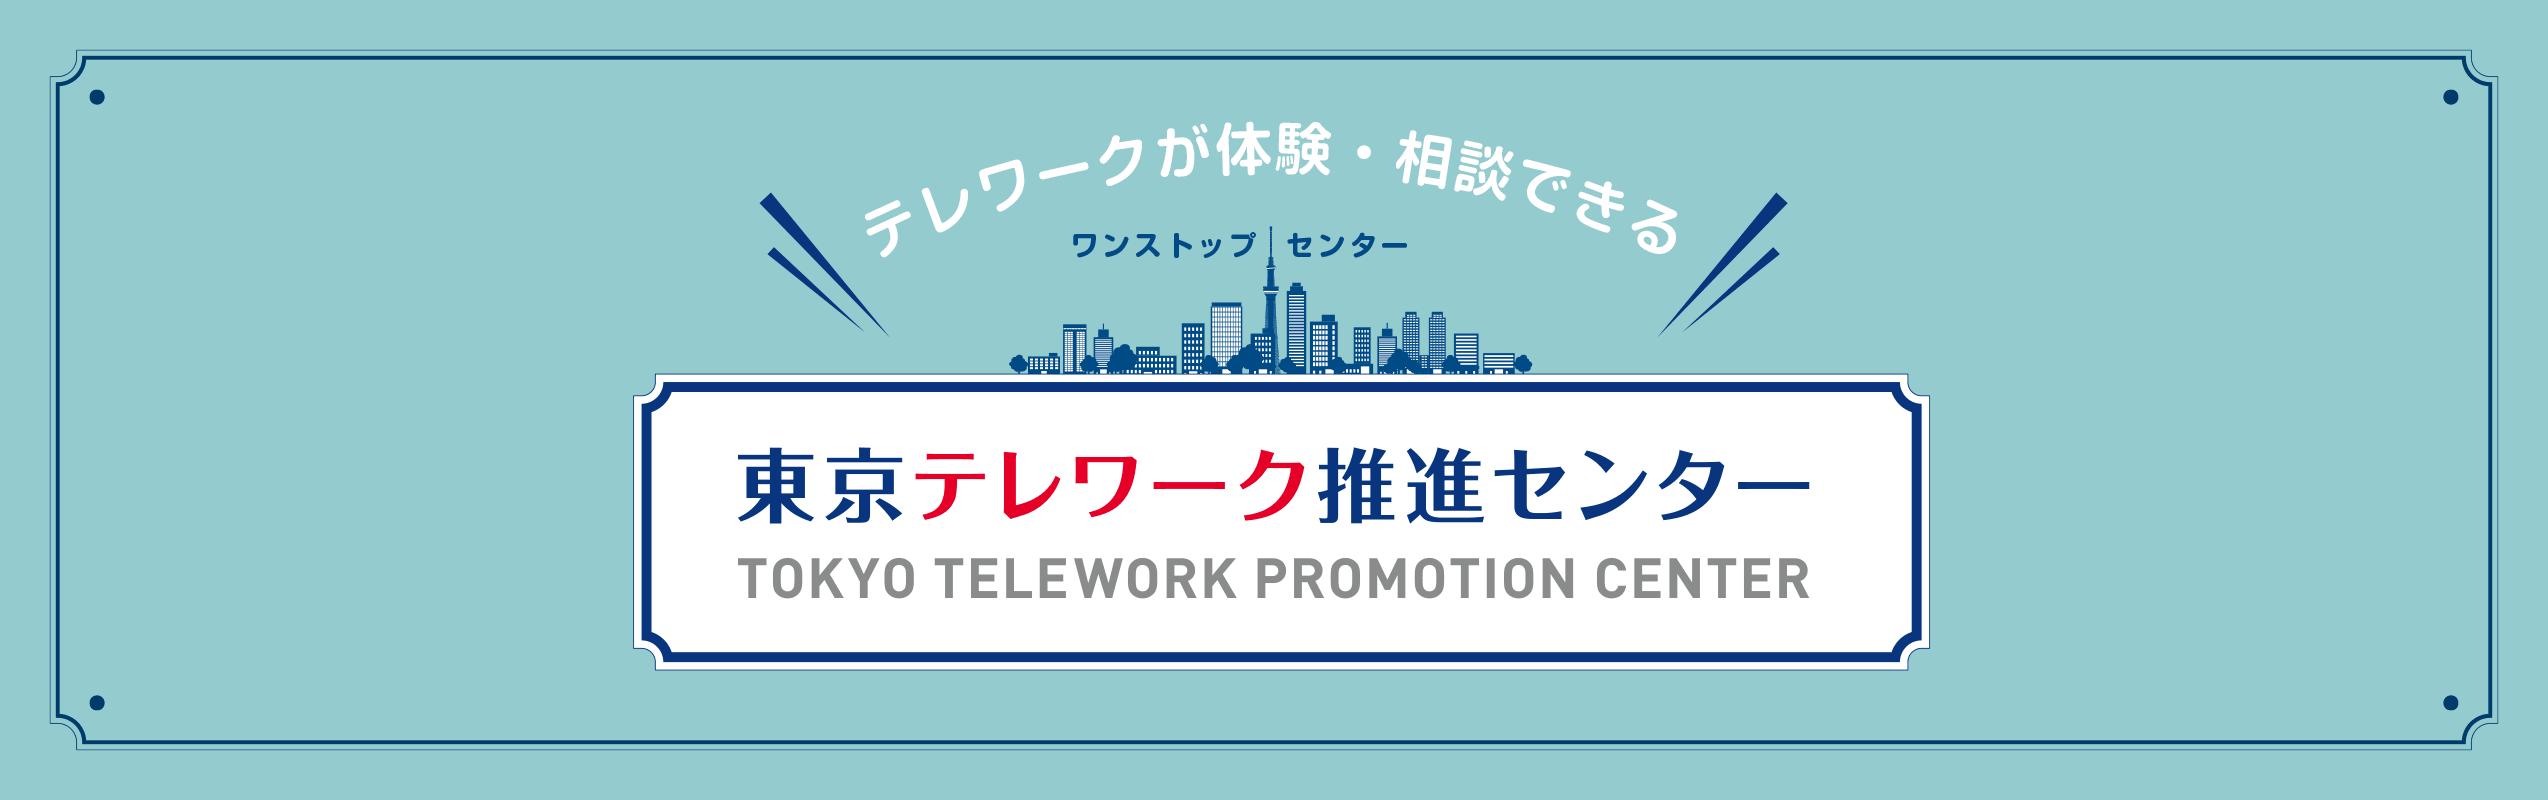 東京テレワーク推進センターの画像